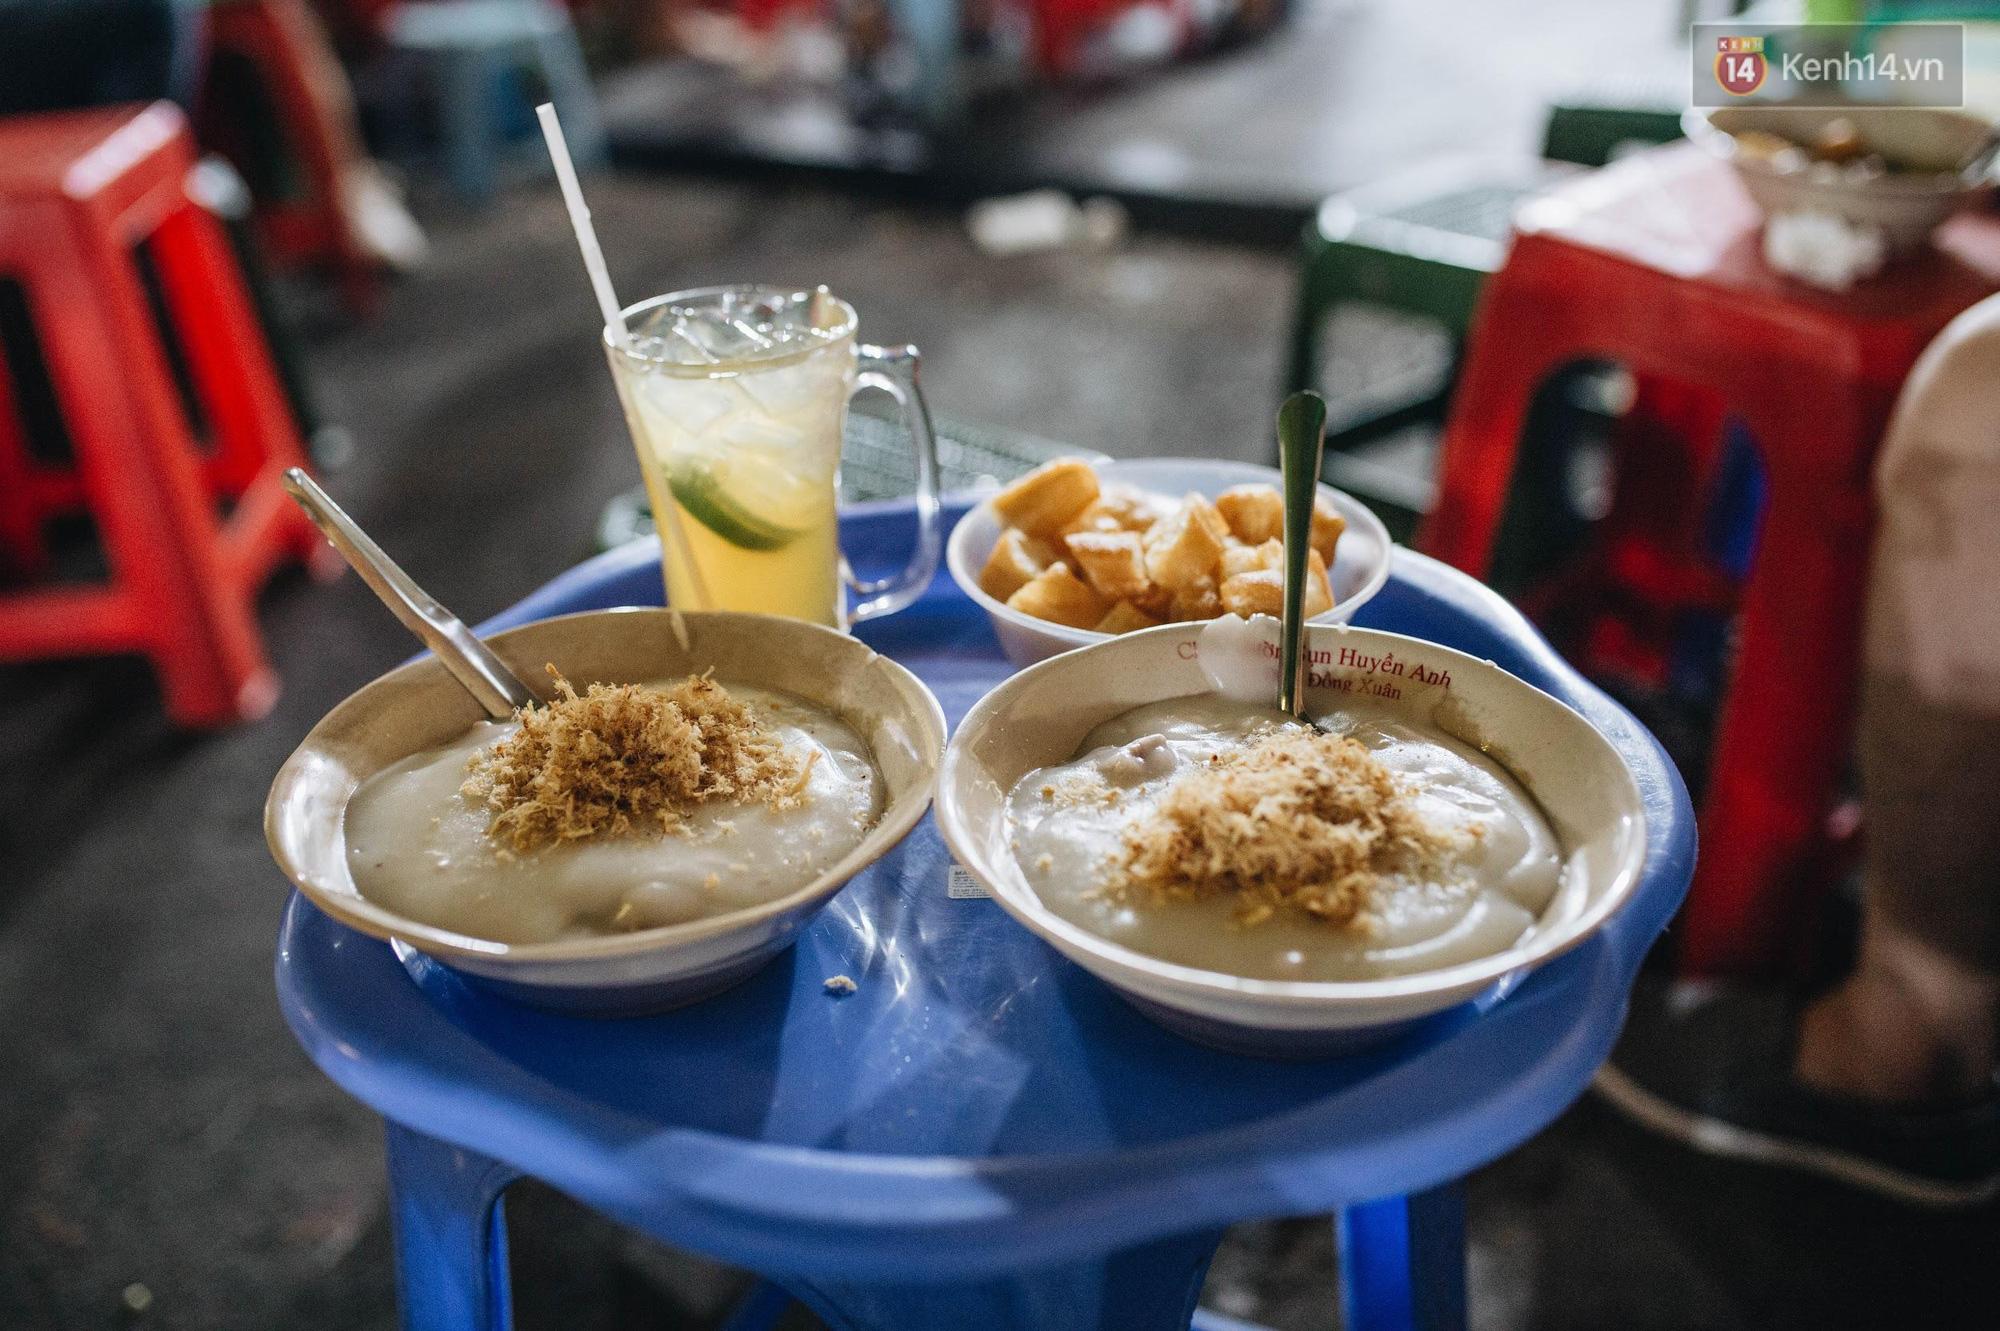 Food tour phố cổ Hà Nội mùa đông: Top những món ăn vặt trời càng lạnh, ăn càng ngon! - Ảnh 3.